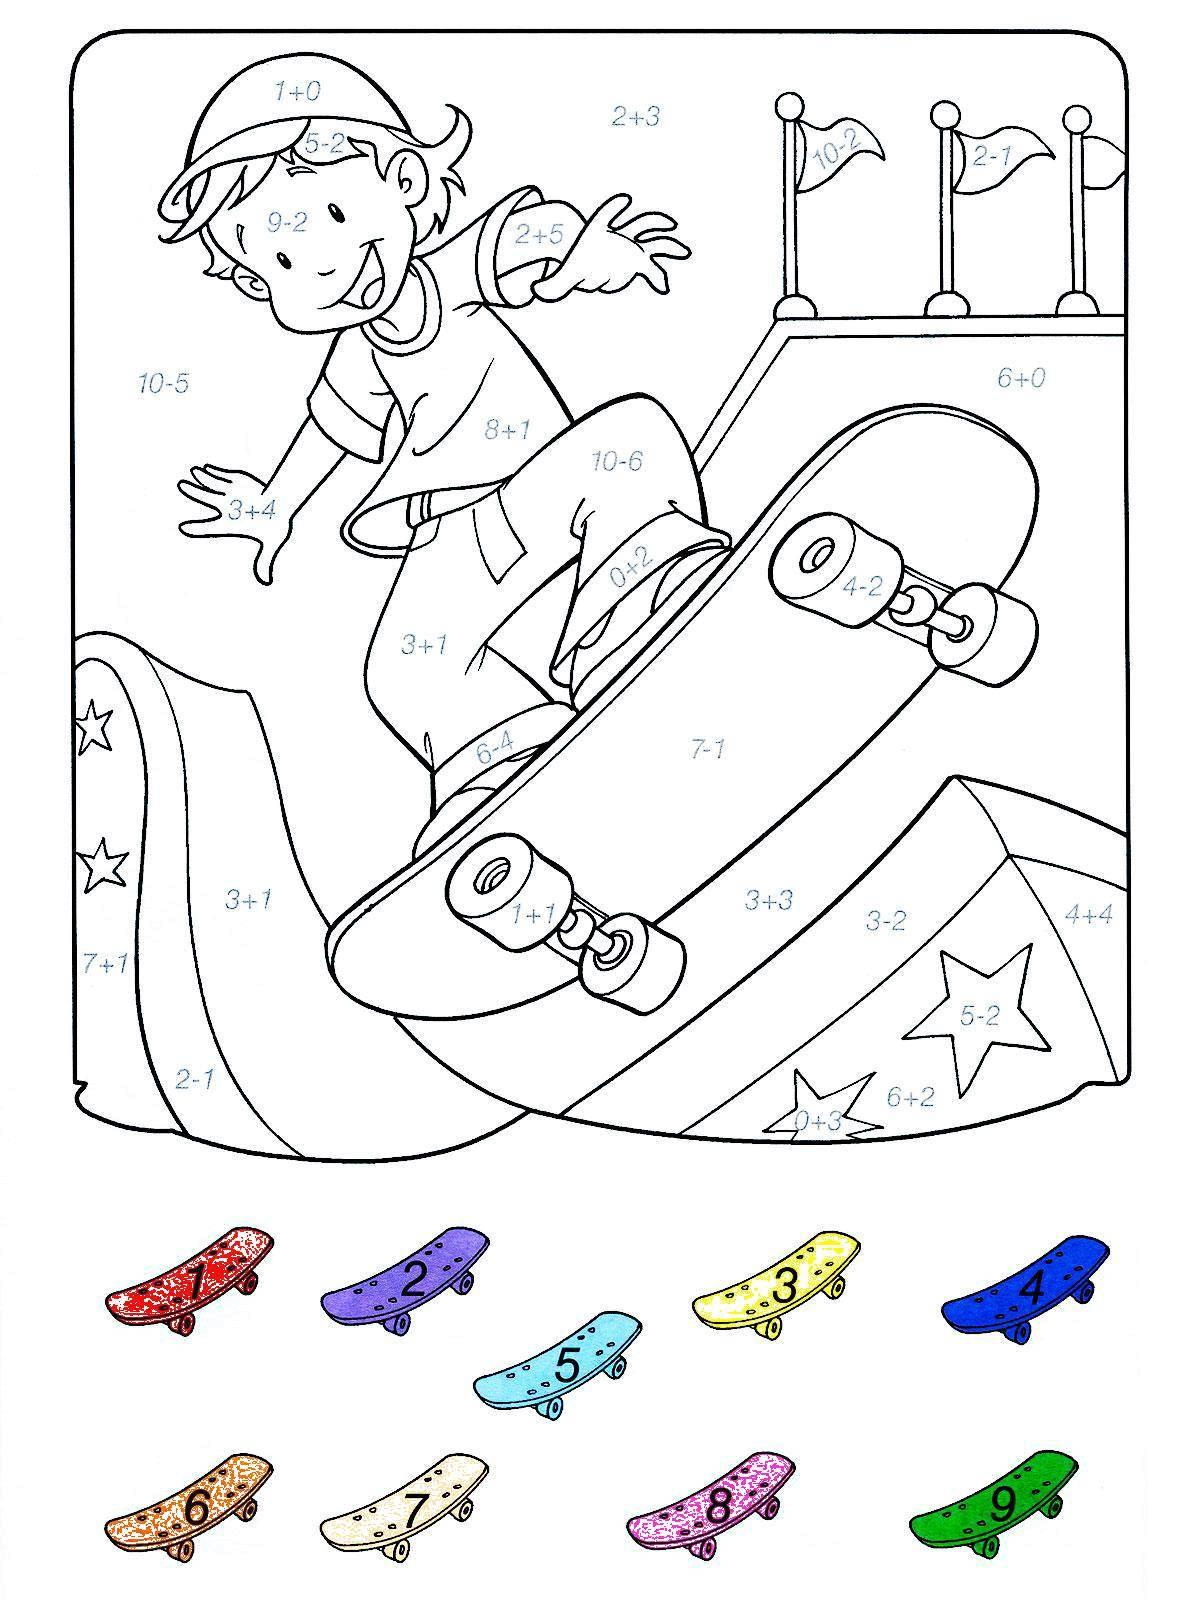 Раскраски скейтбординг Раскраски скейтбординг, раскраски соревнования, раскраски кататься на скейтборде